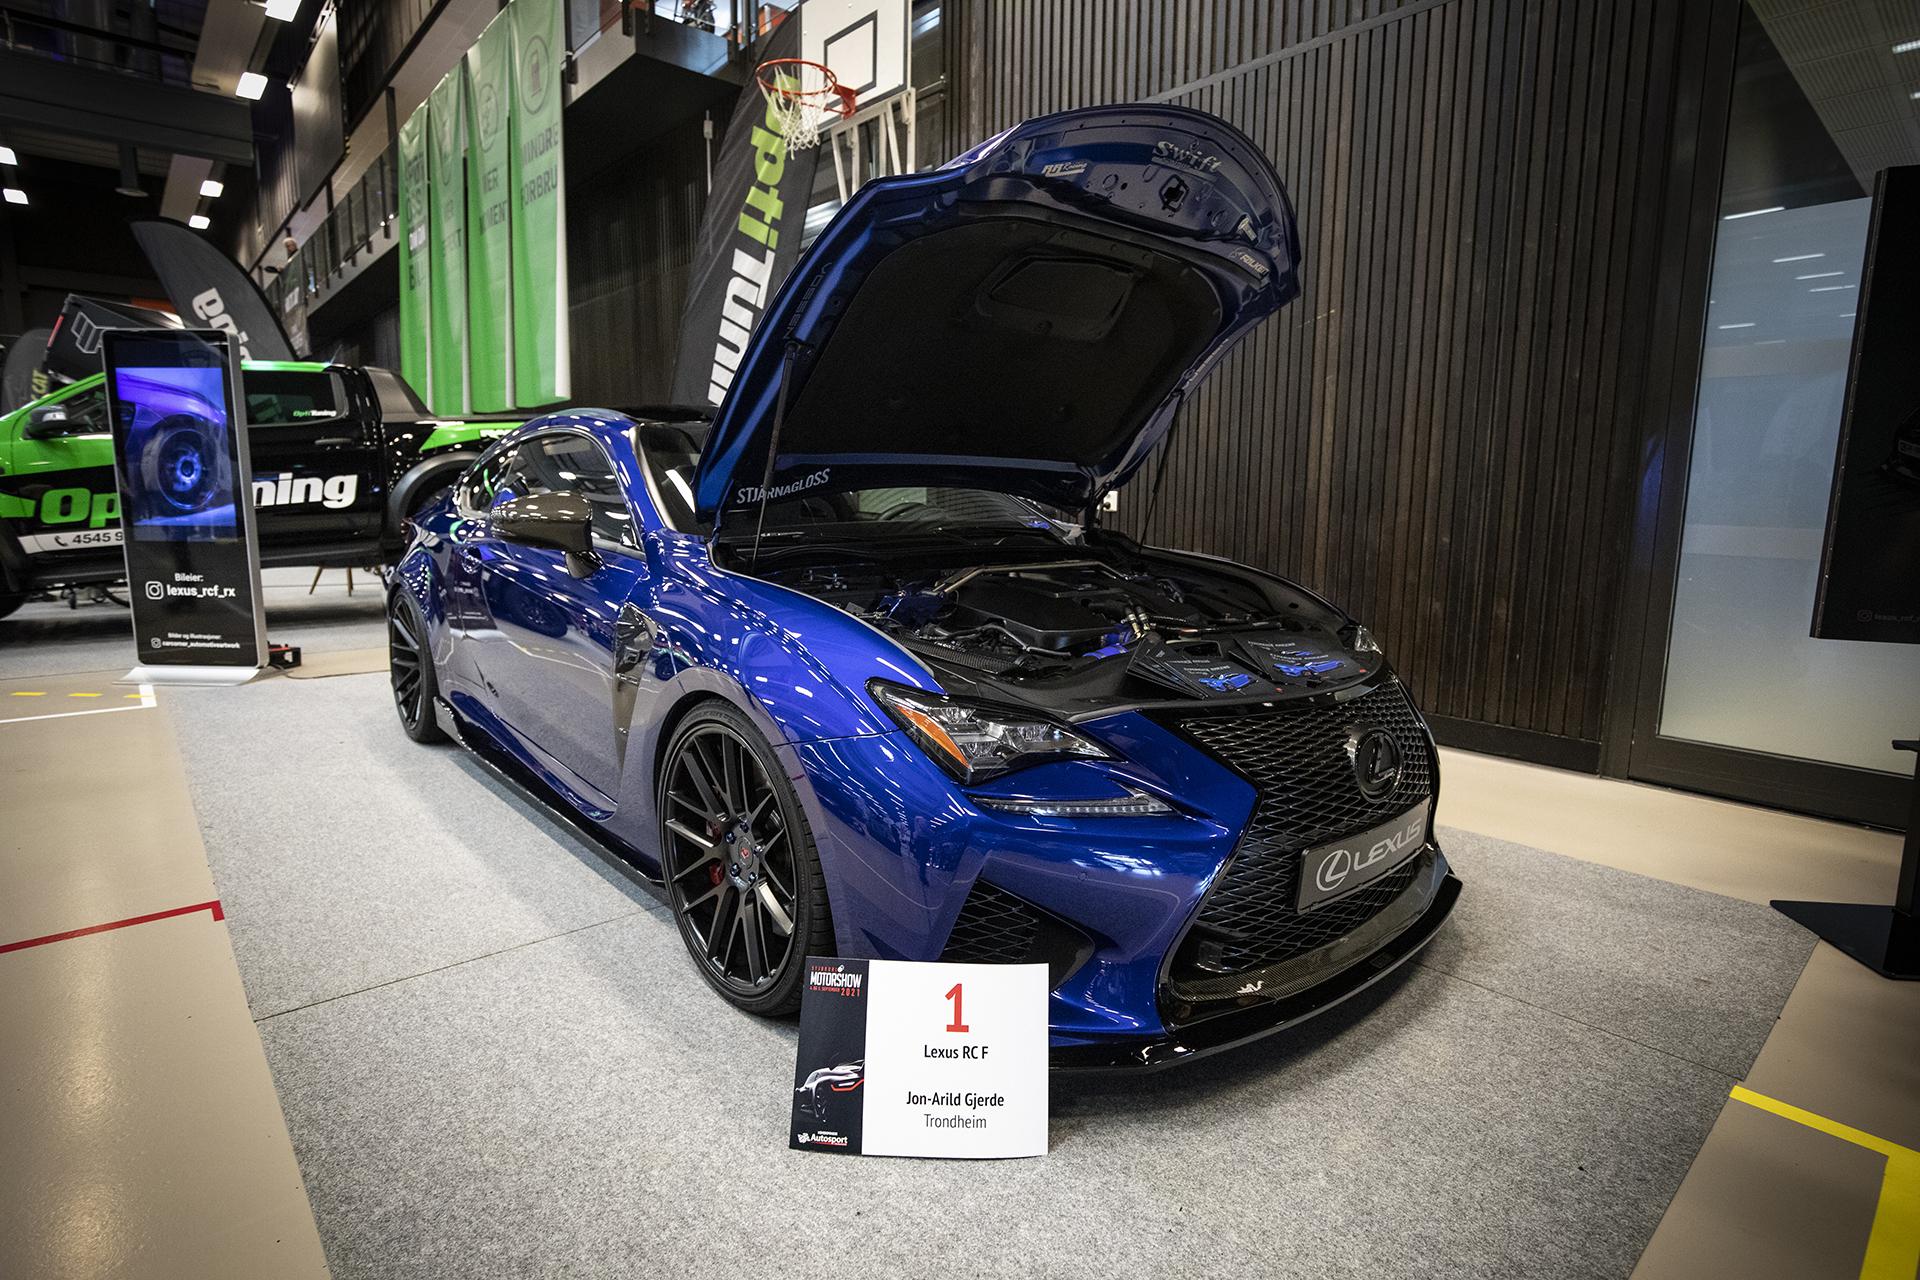 Det første man møtte på vei inn i hallen var Jon-Arild Gjerdes deilige Lexus RC F.